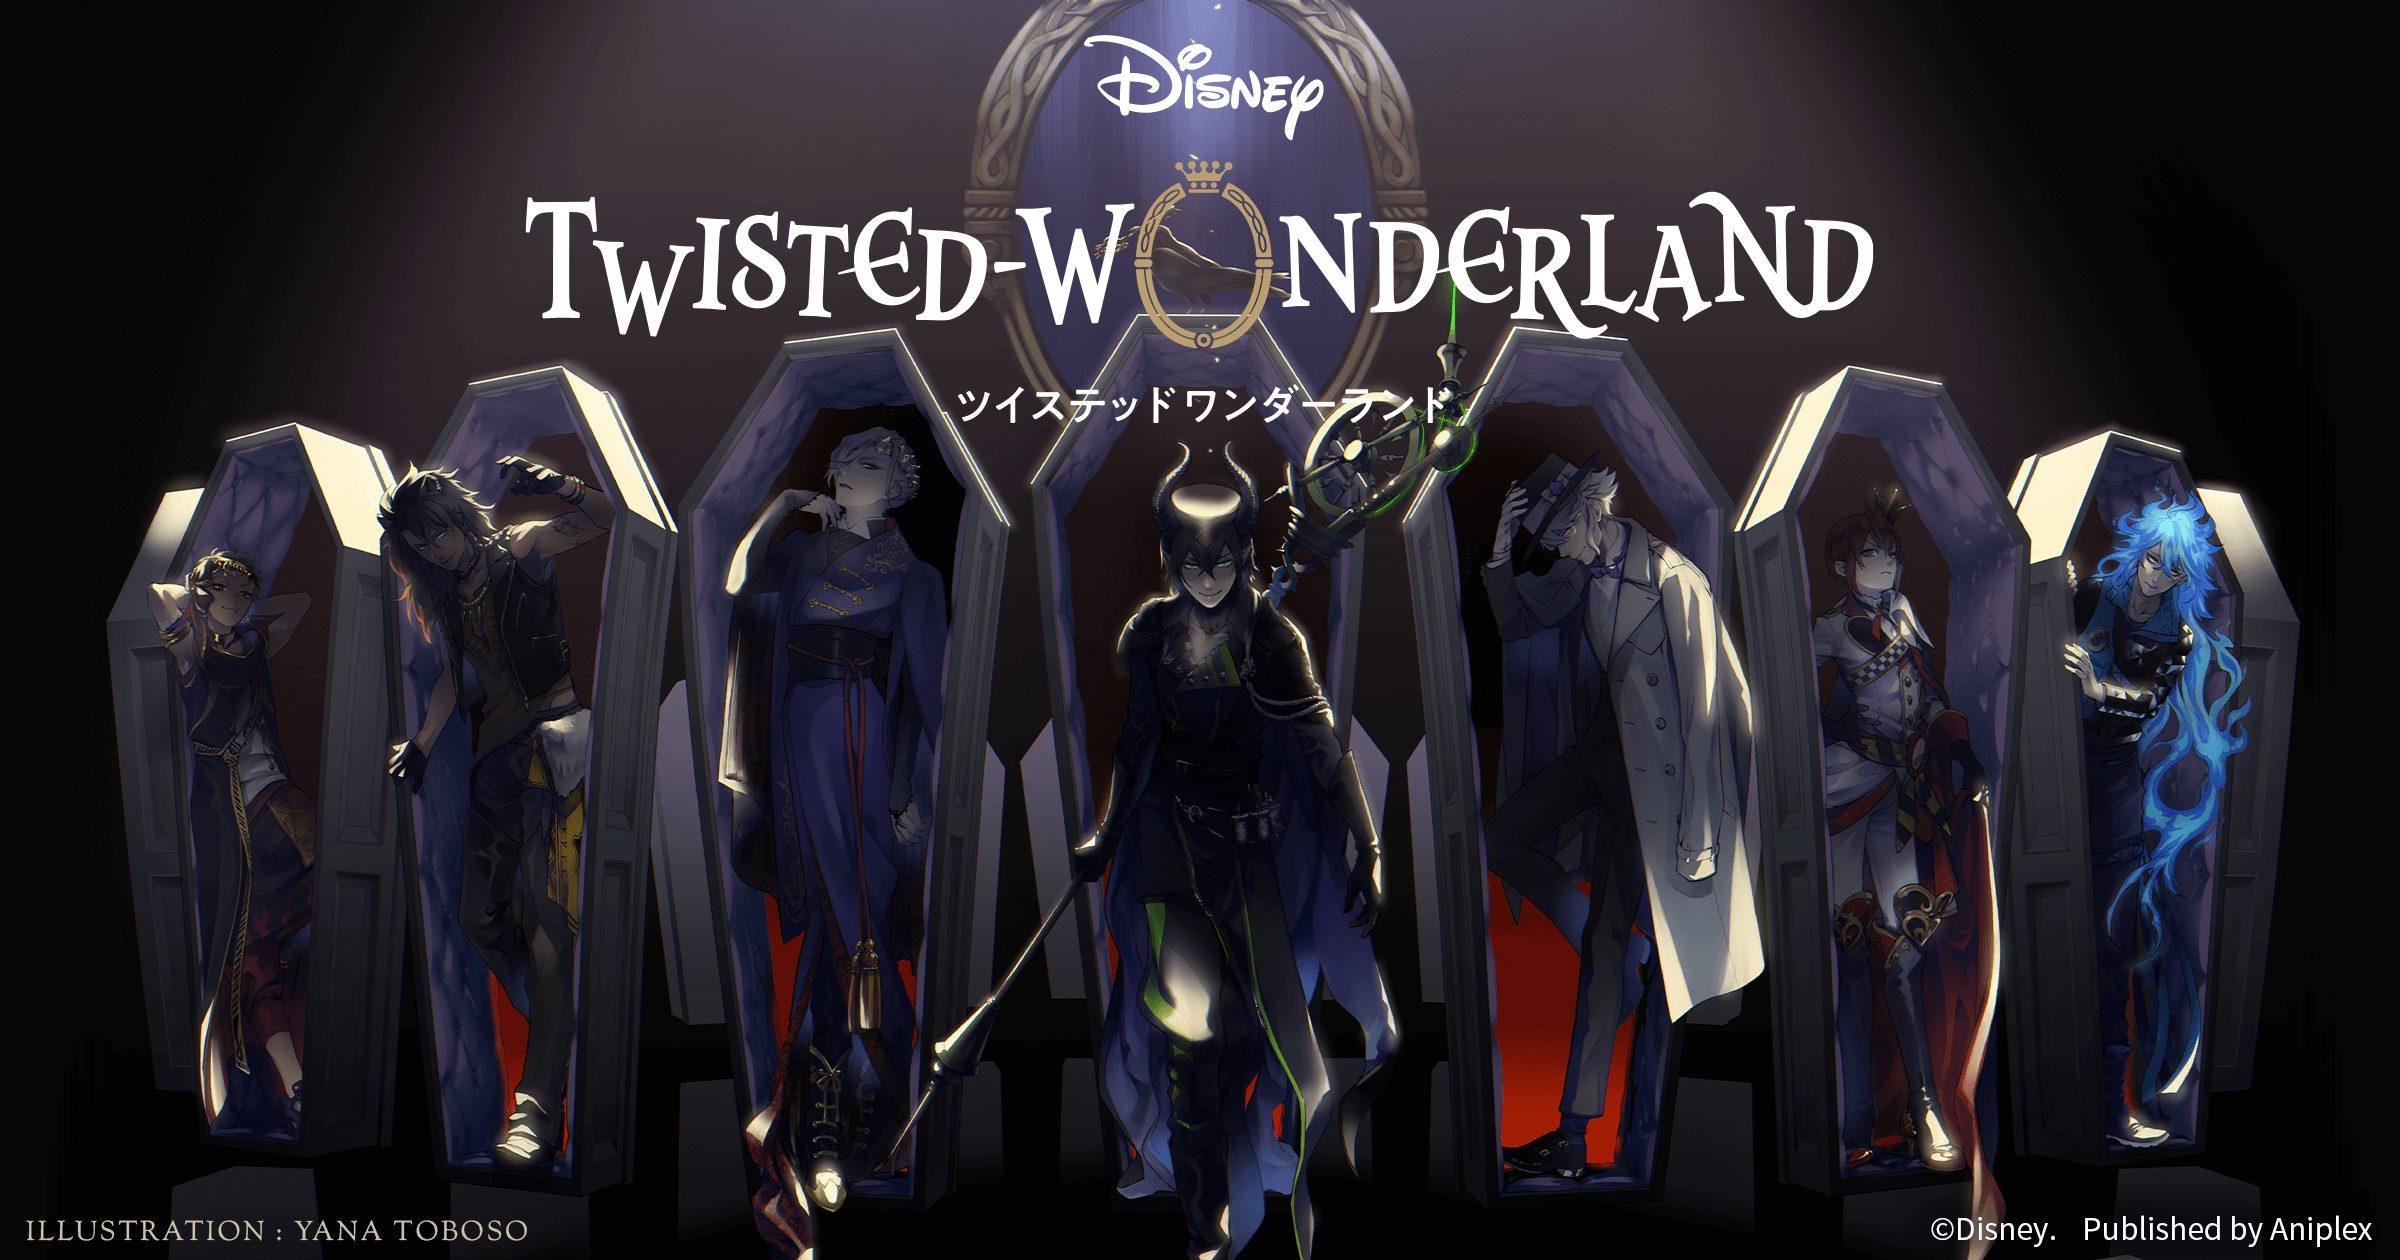 【ツイステ】ディズニー ツイステッドワンダーランド(Disney: Twisted-Wonderland)